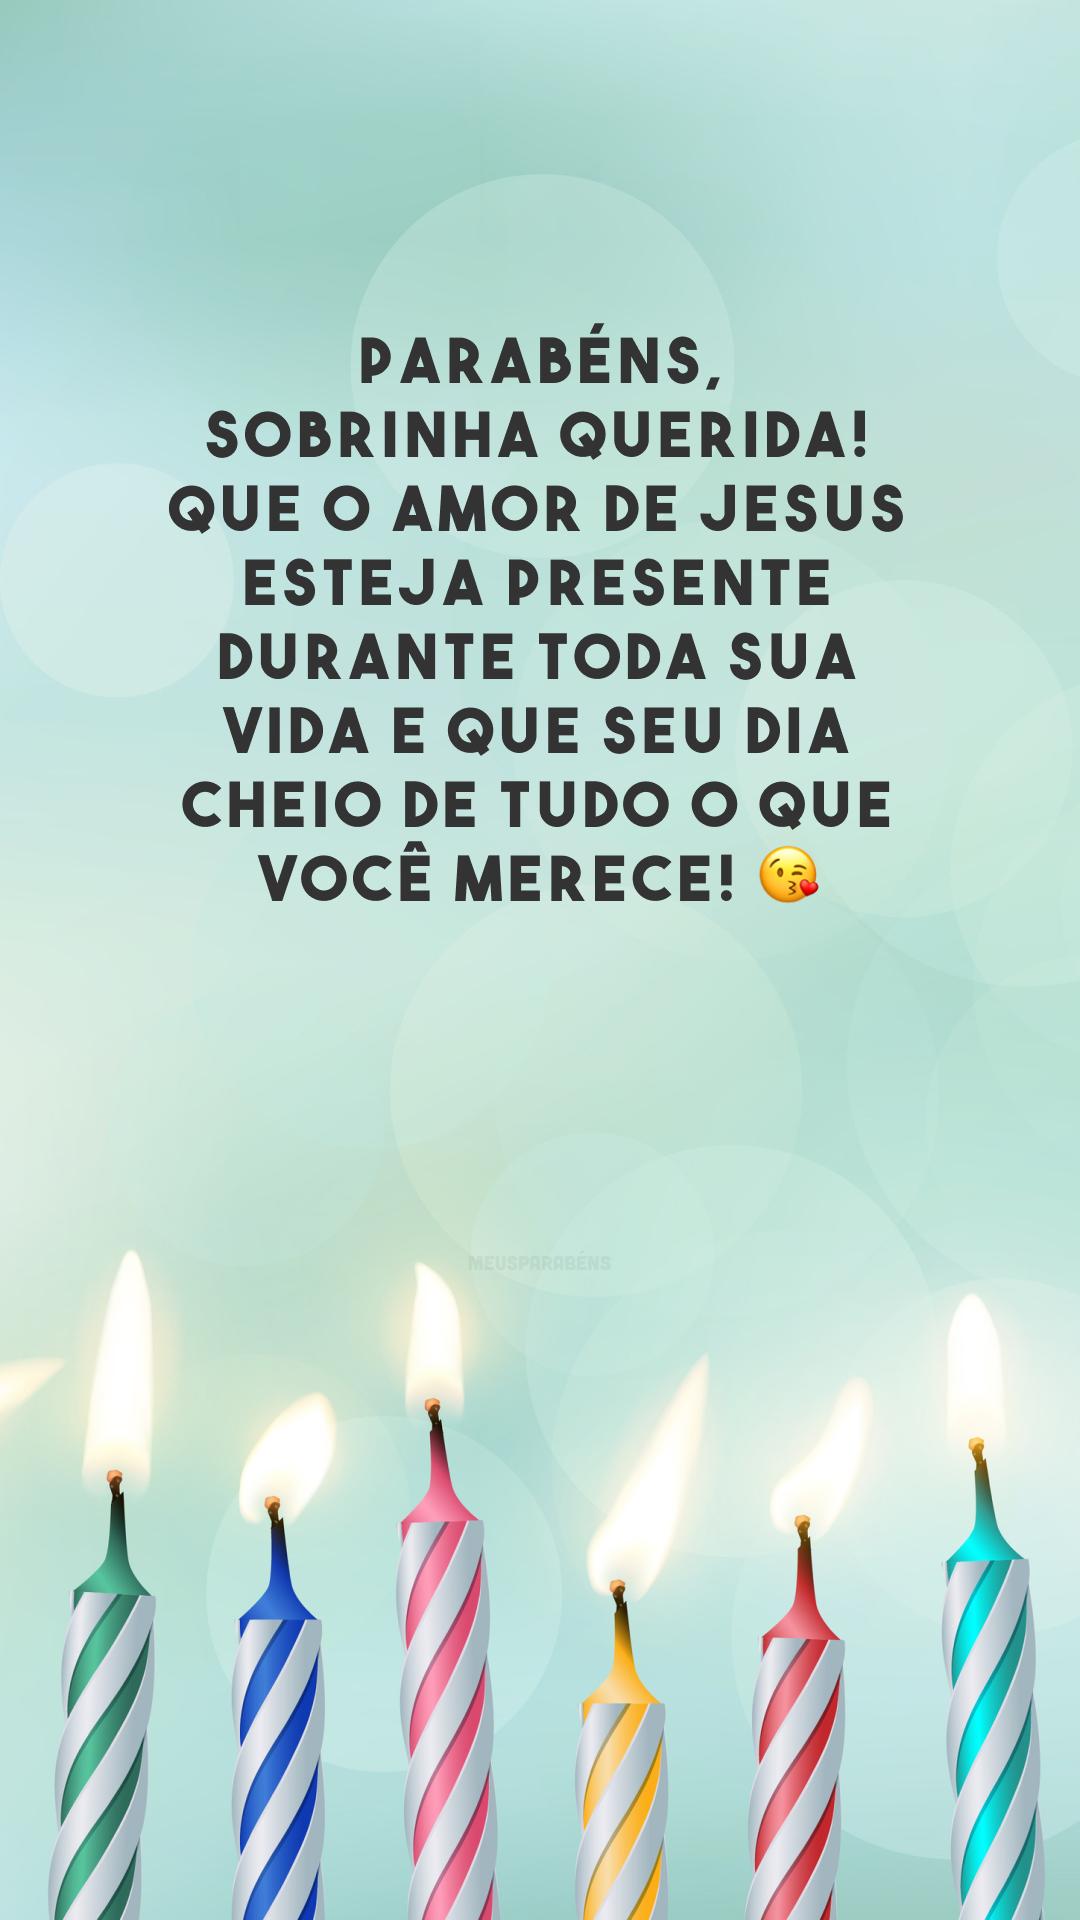 Parabéns, sobrinha querida! Que o amor de Jesus esteja presente durante toda sua vida e que seu dia cheio de tudo o que você merece! 😘